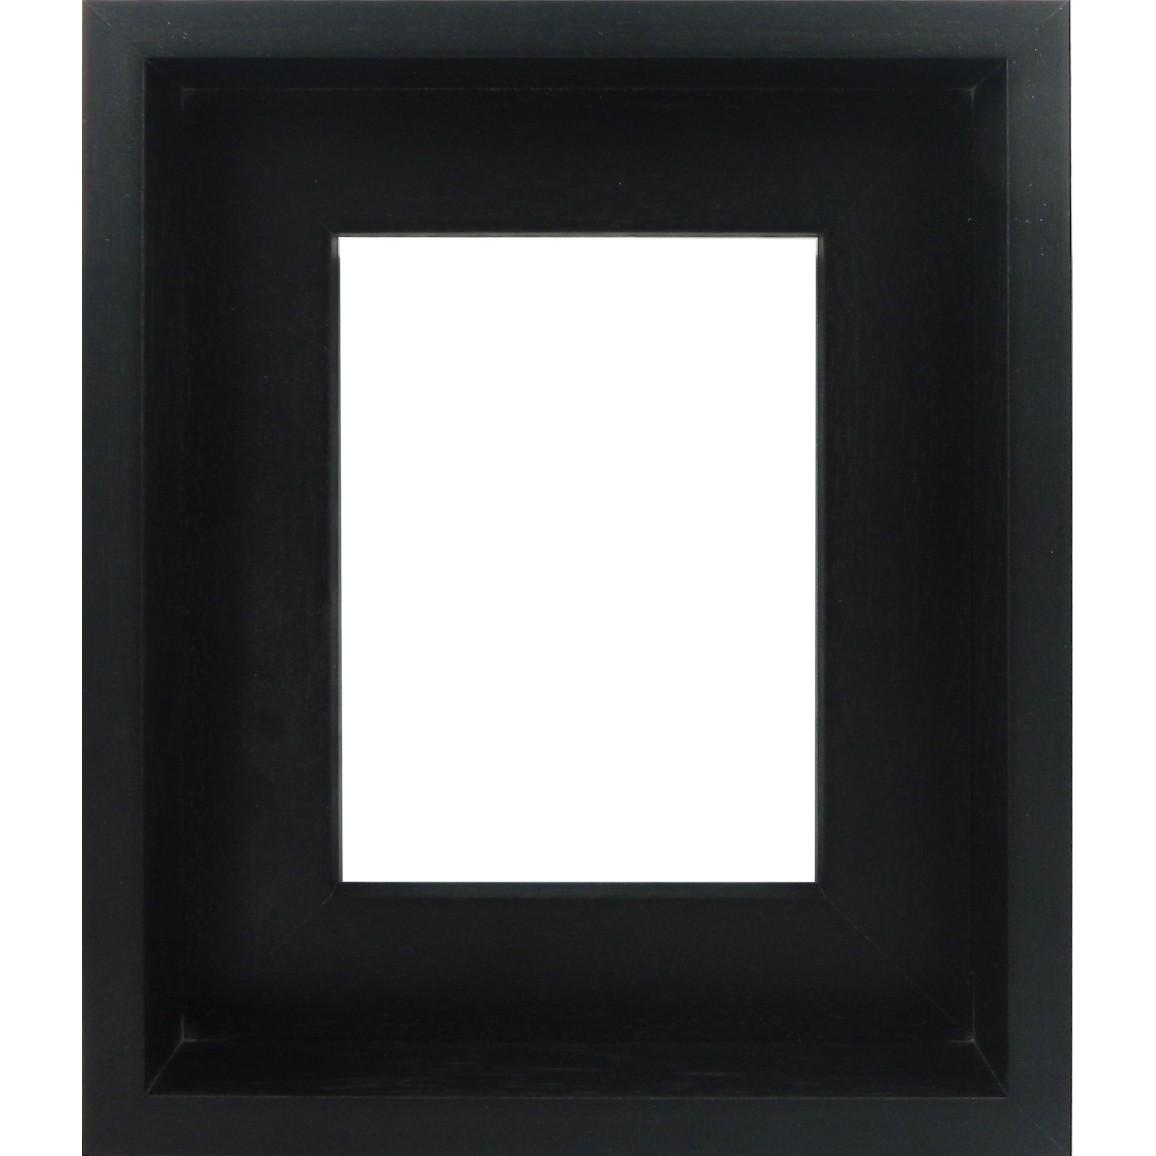 Inset L Shape Black